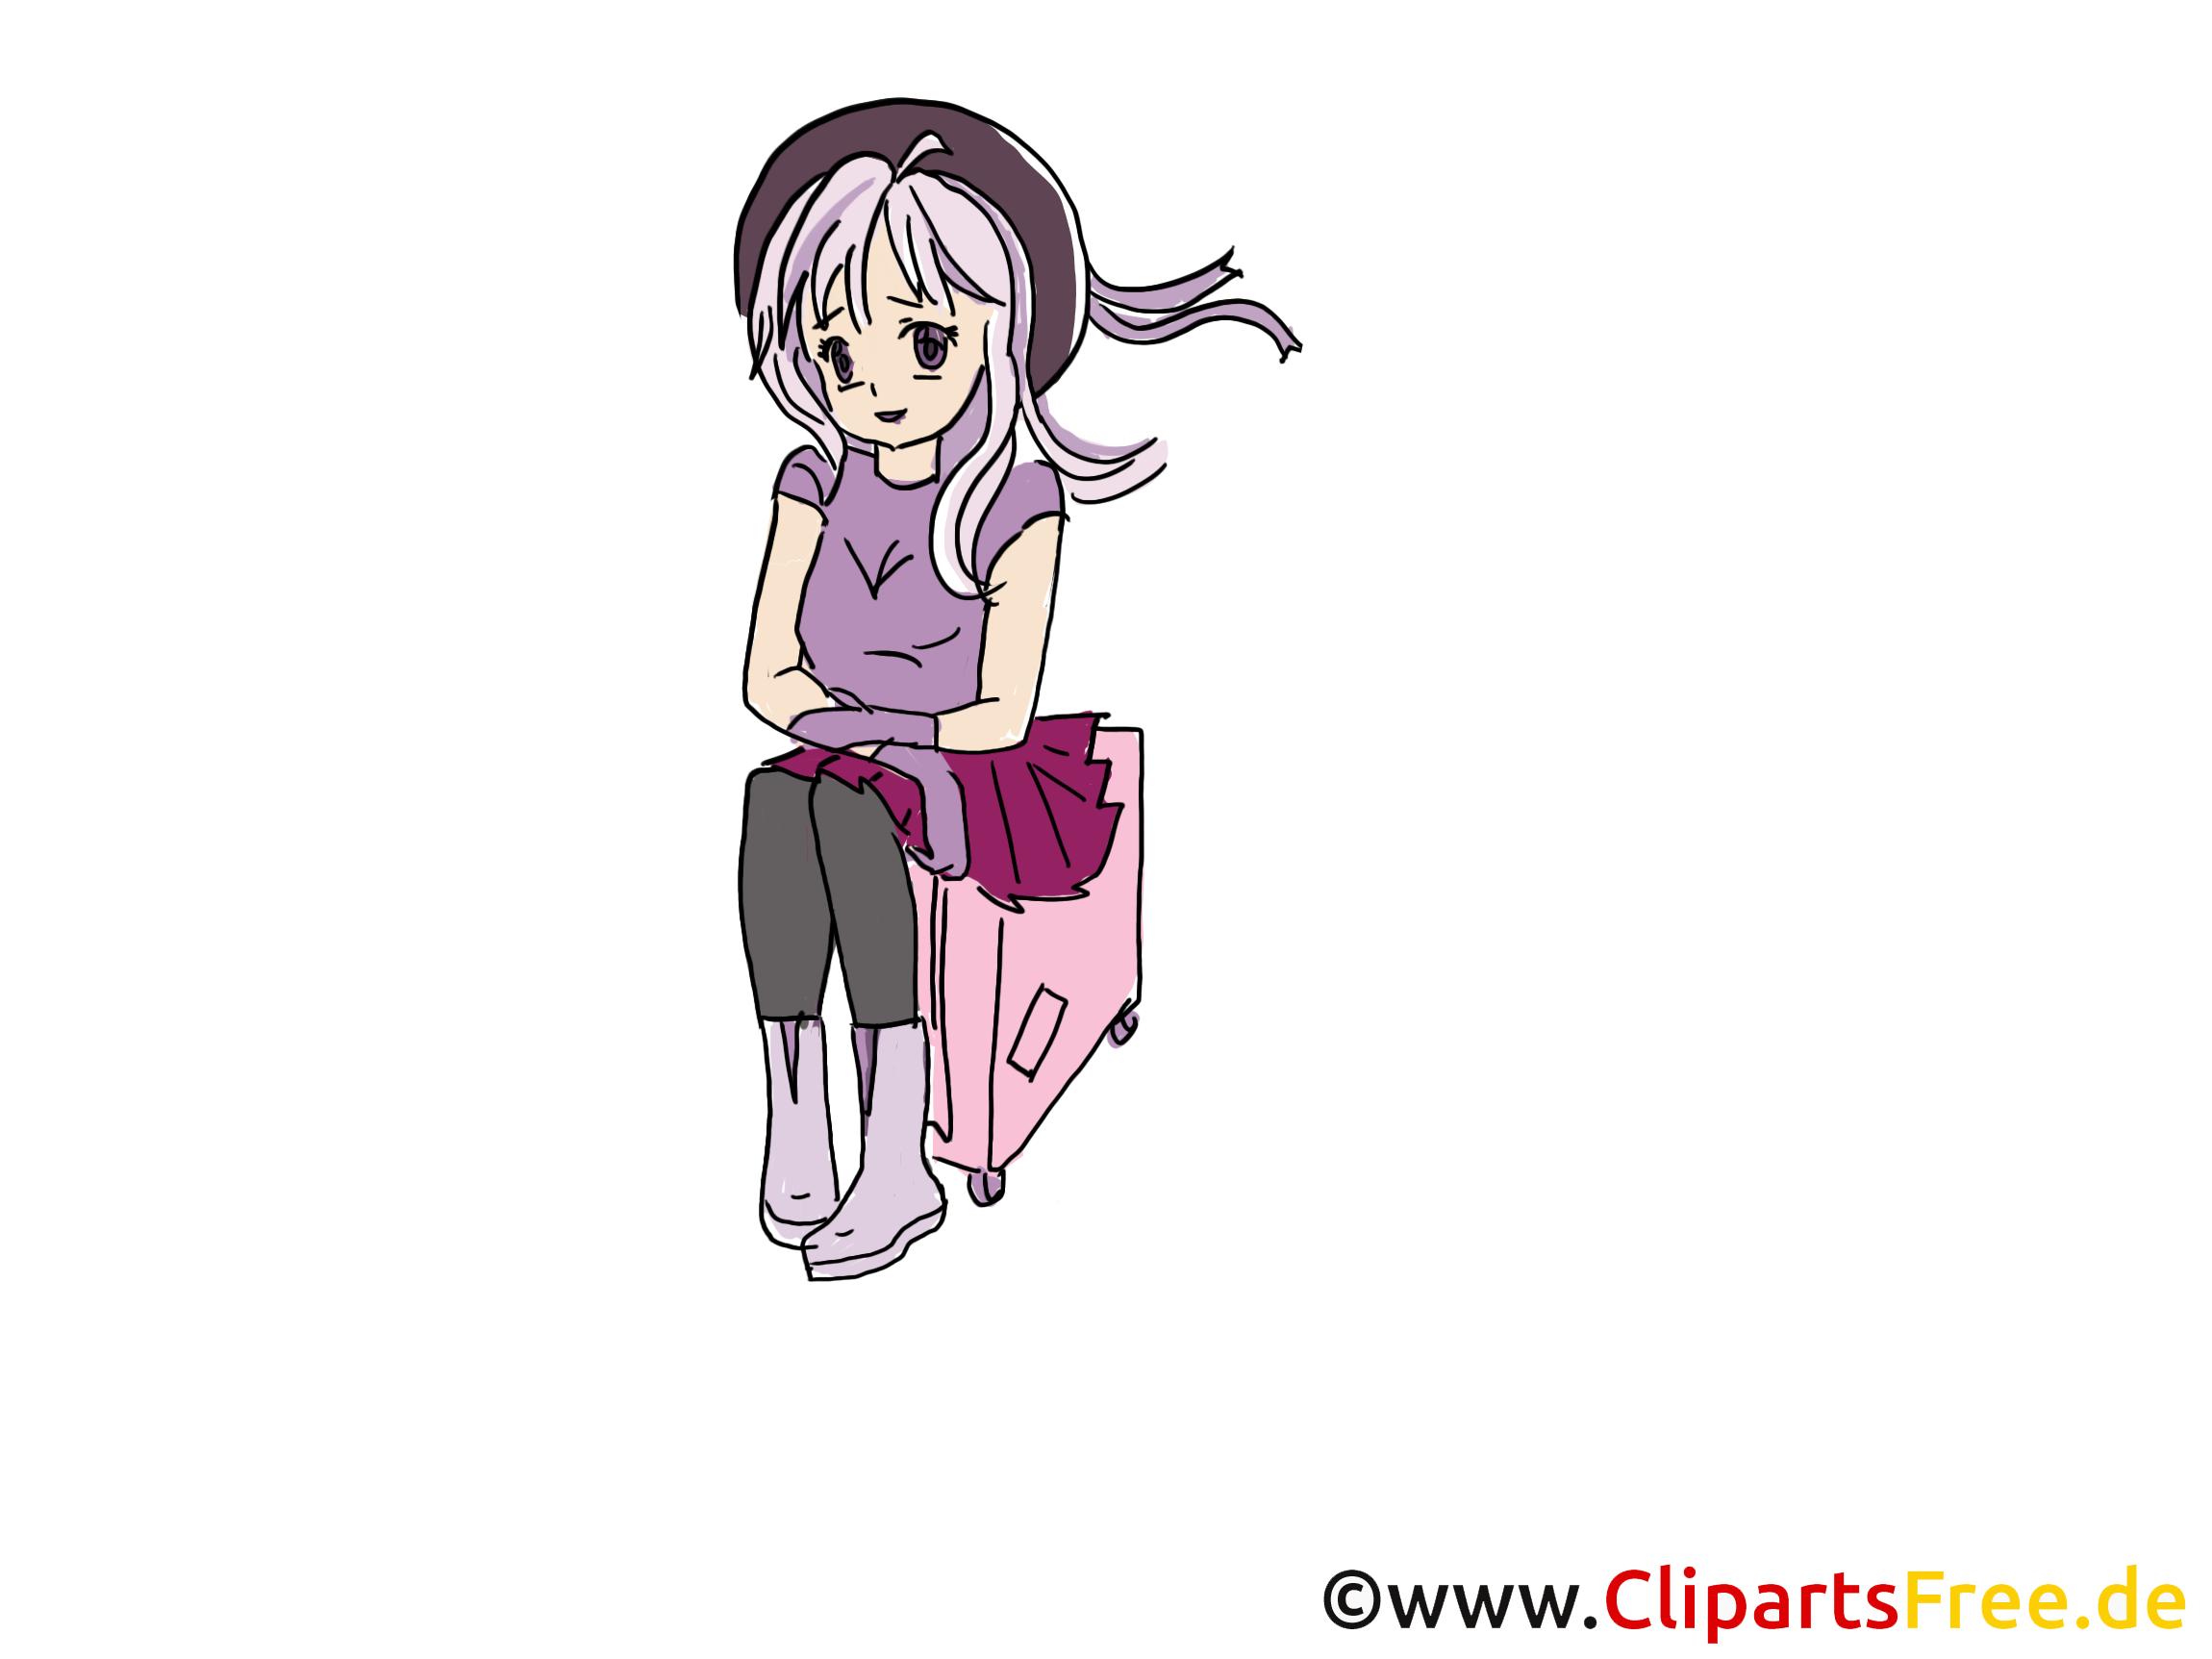 Valise dessin - Anime cliparts à télécharger